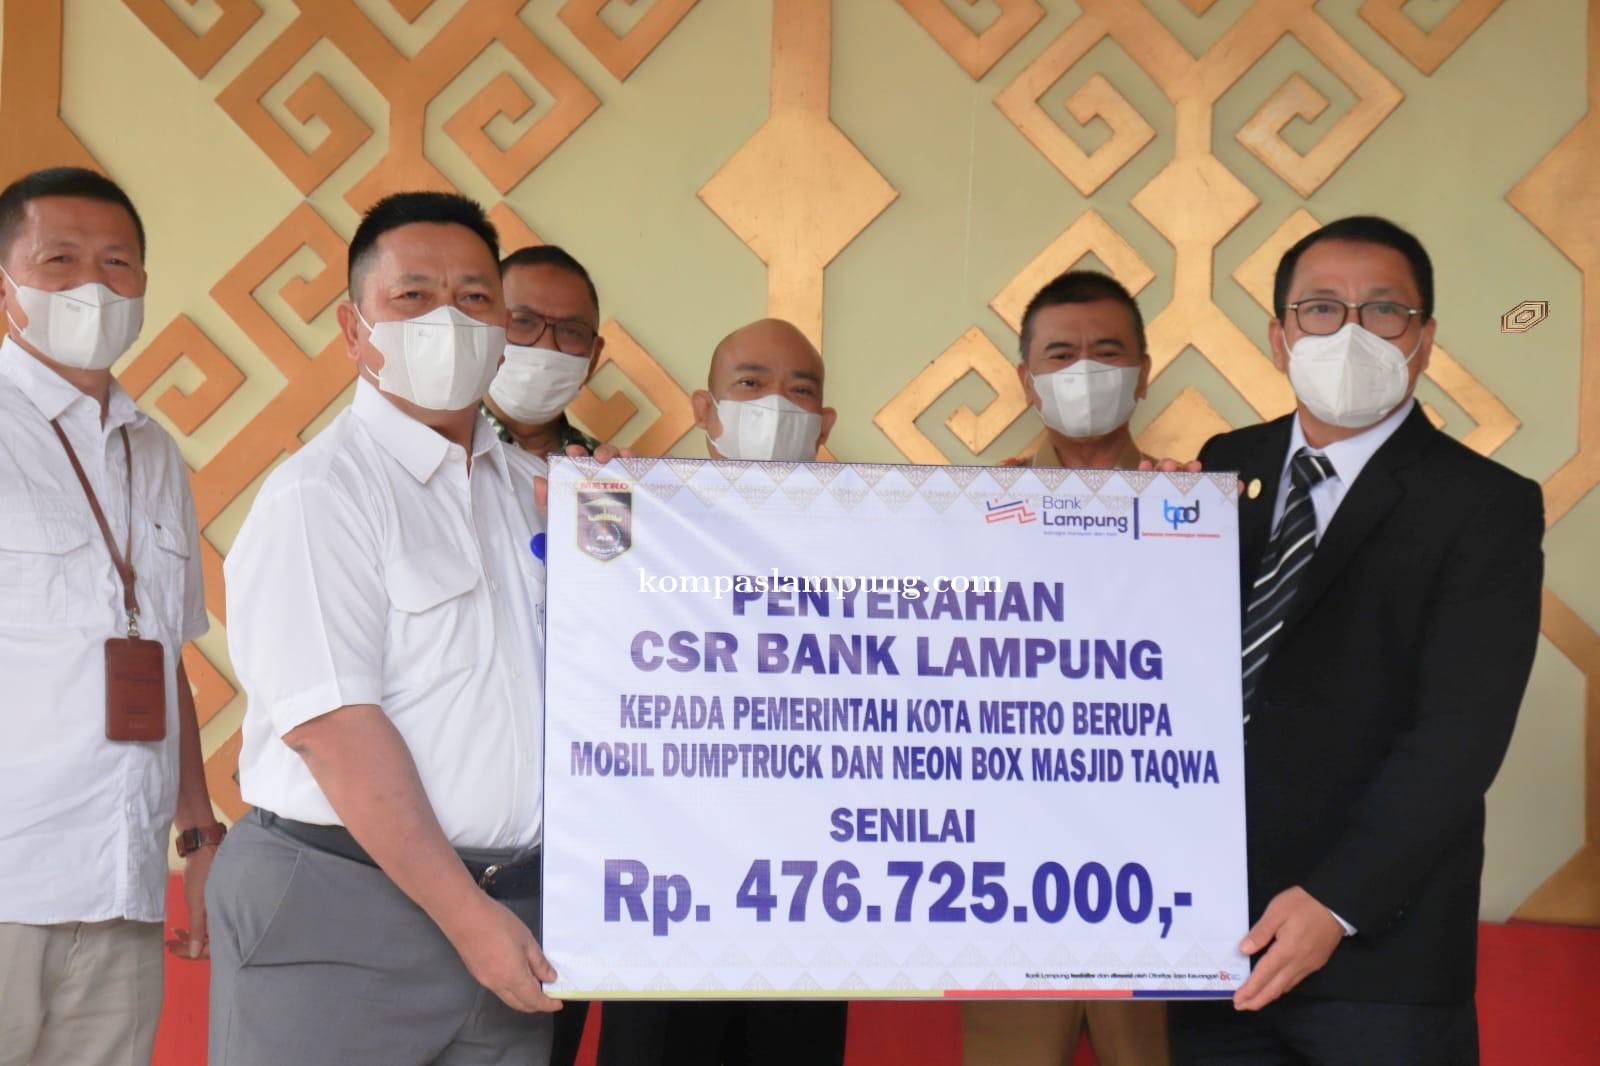 Pemkot Metro Terima Bantuan CSR Senilai Rp 476.725.000 Dari Bank Lampung